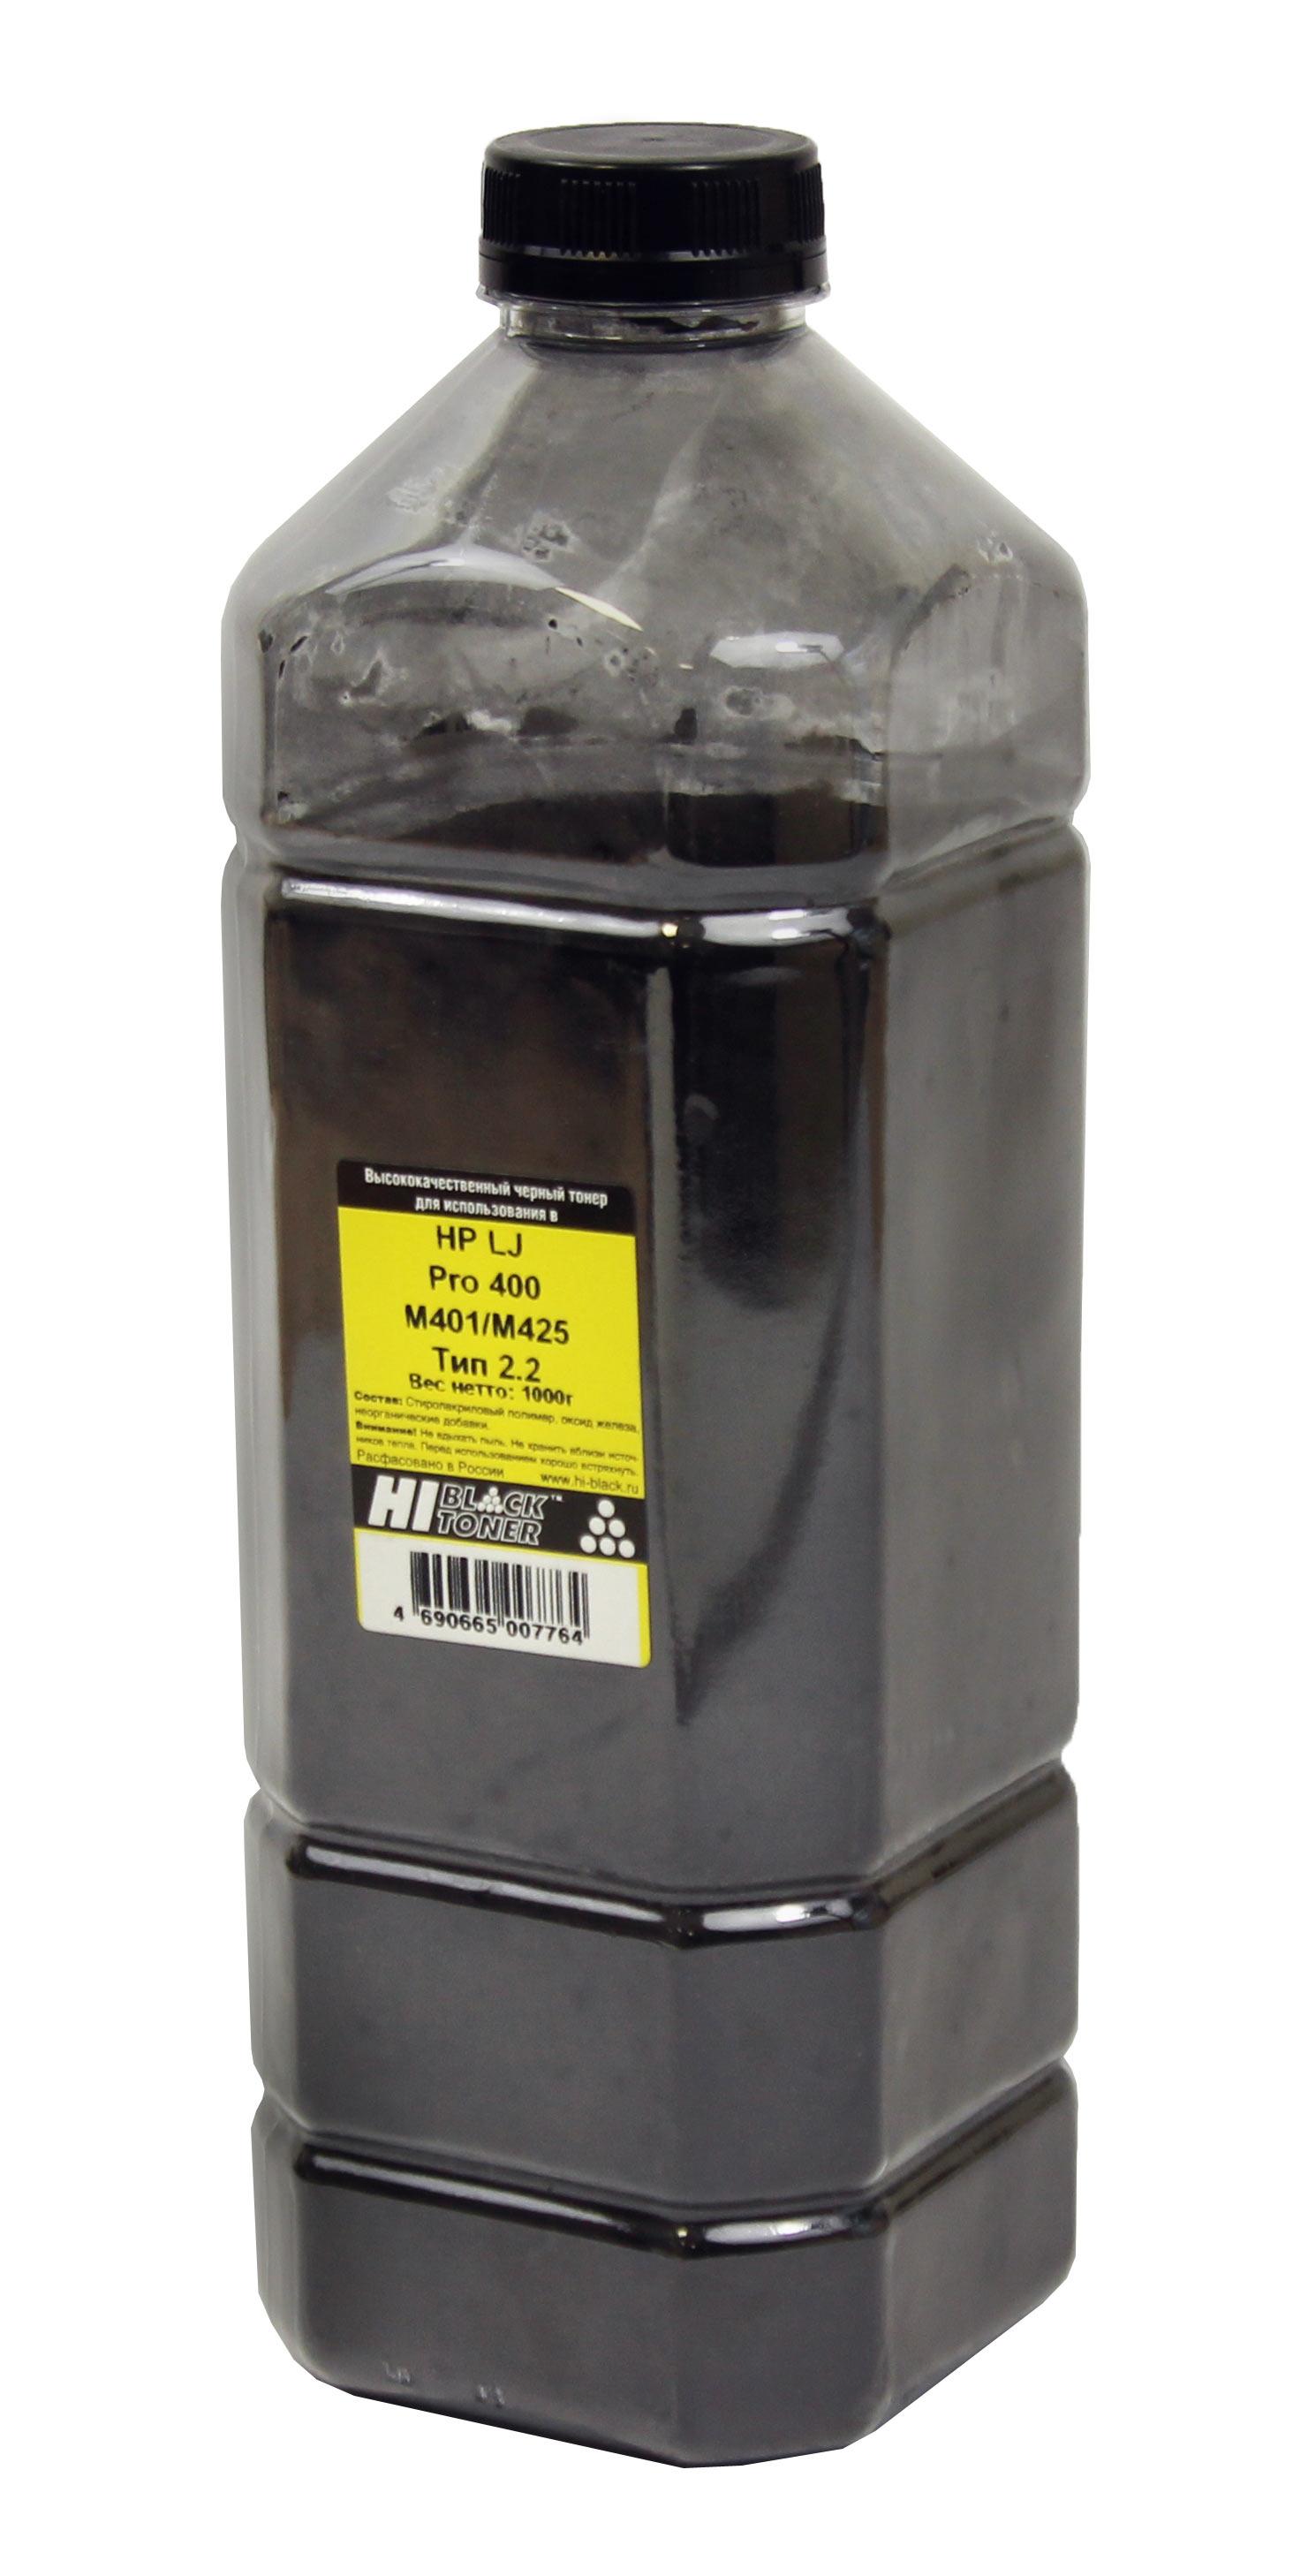 Тонер Hi-Black для HP LJ Pro 400 M401/M425, Тип 2.2, Bk, 1 кг, канистра